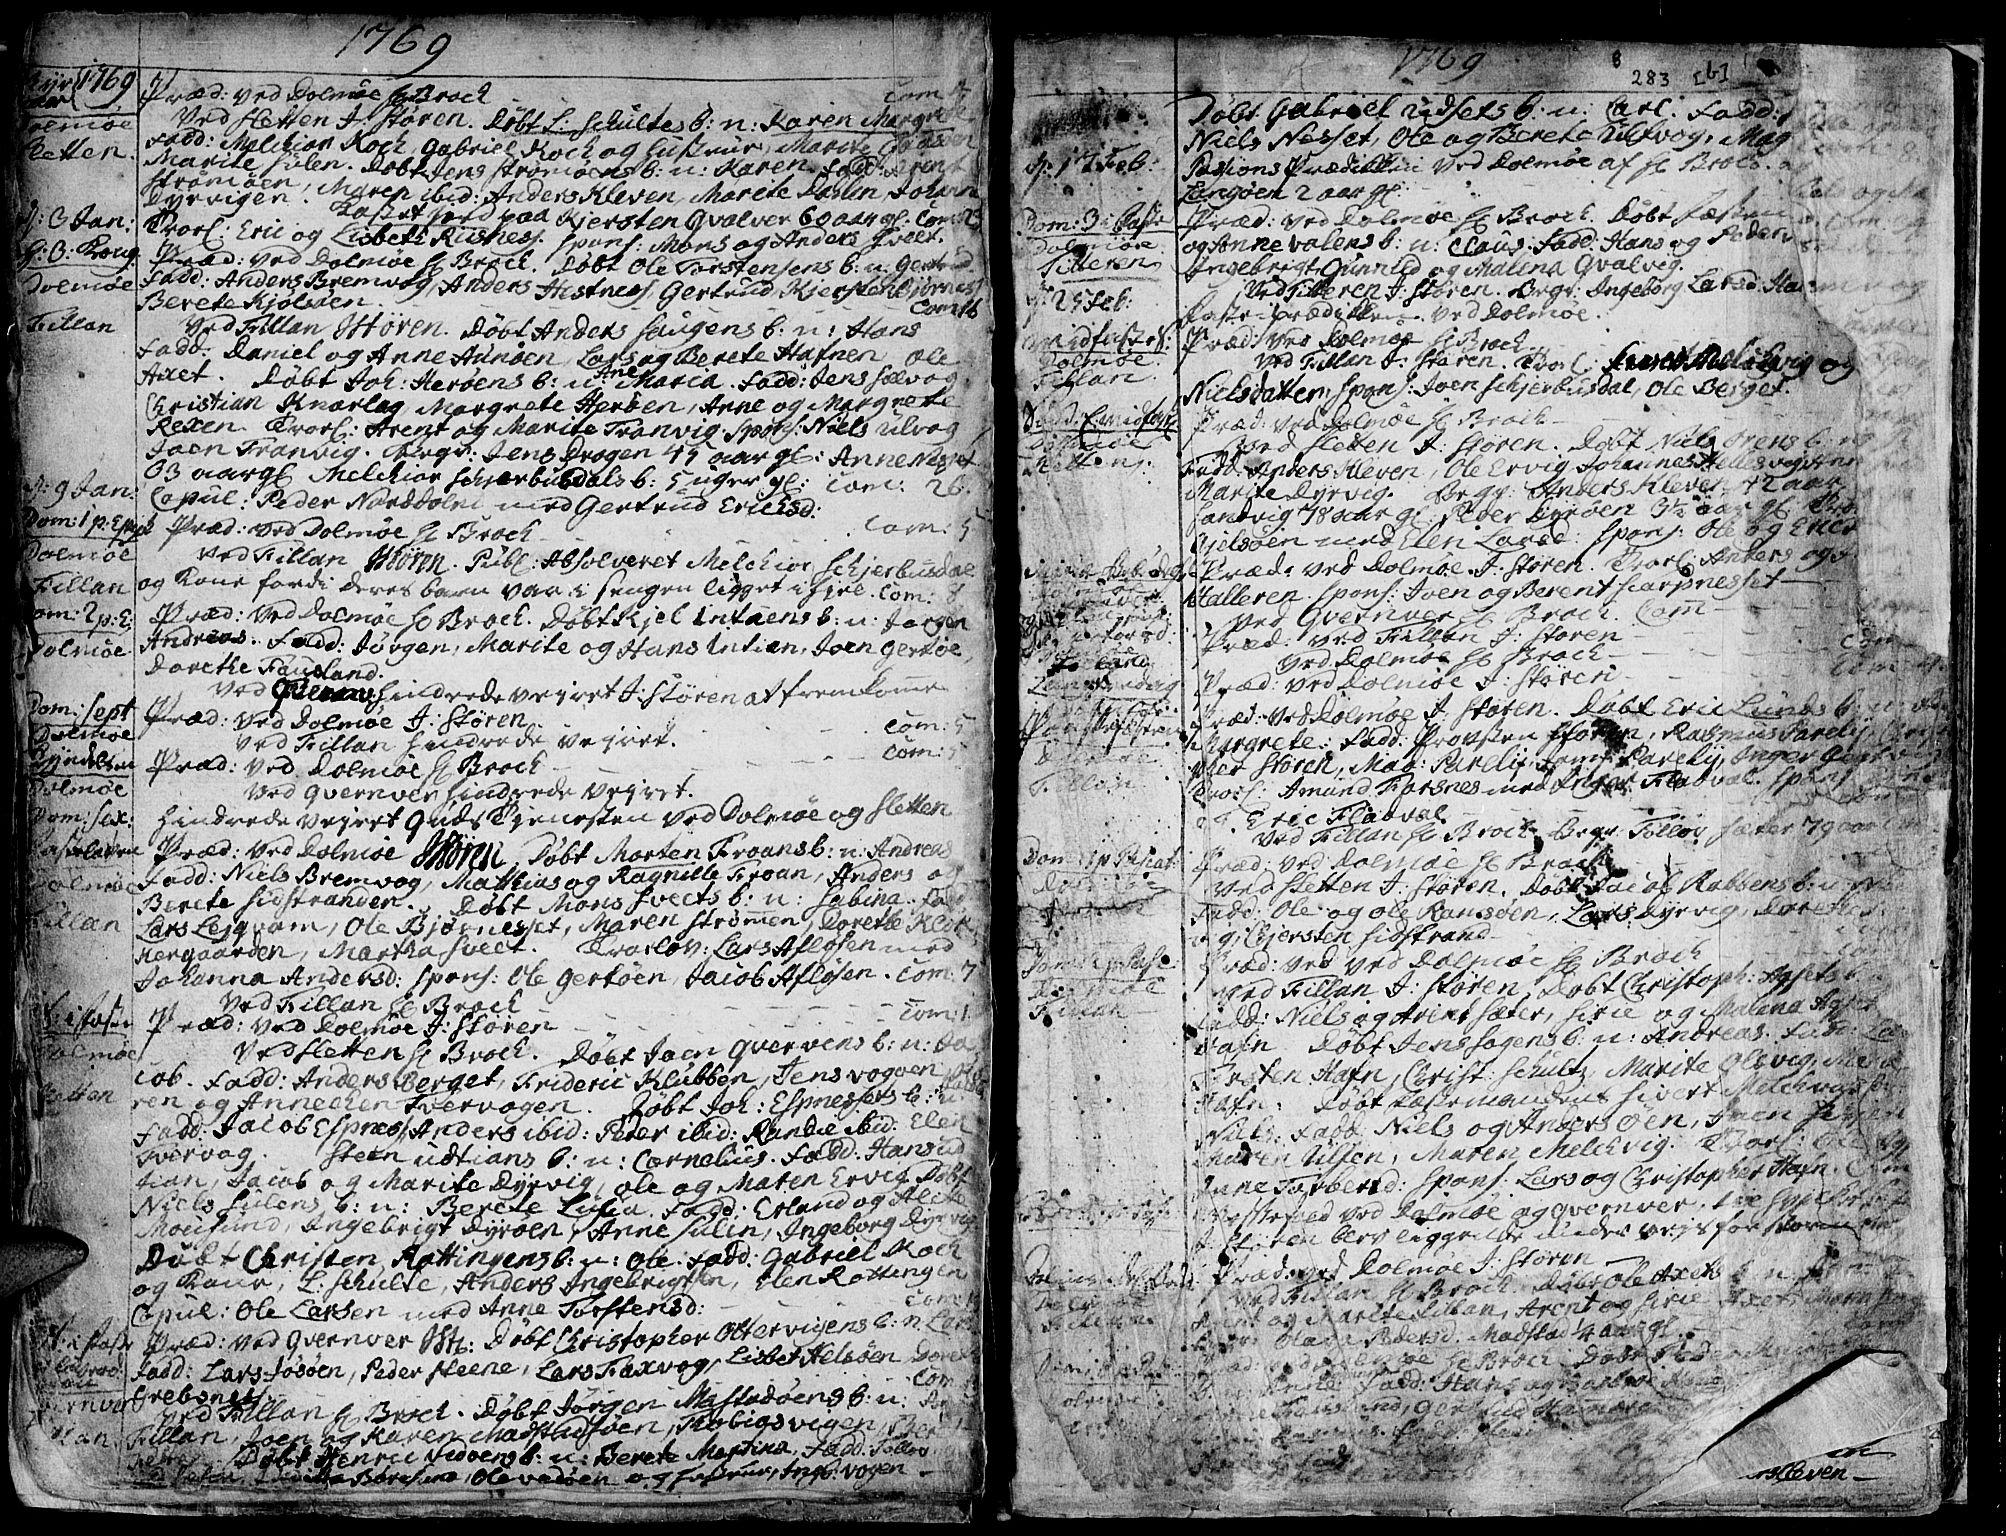 SAT, Ministerialprotokoller, klokkerbøker og fødselsregistre - Sør-Trøndelag, 634/L0525: Ministerialbok nr. 634A01, 1736-1775, s. 283